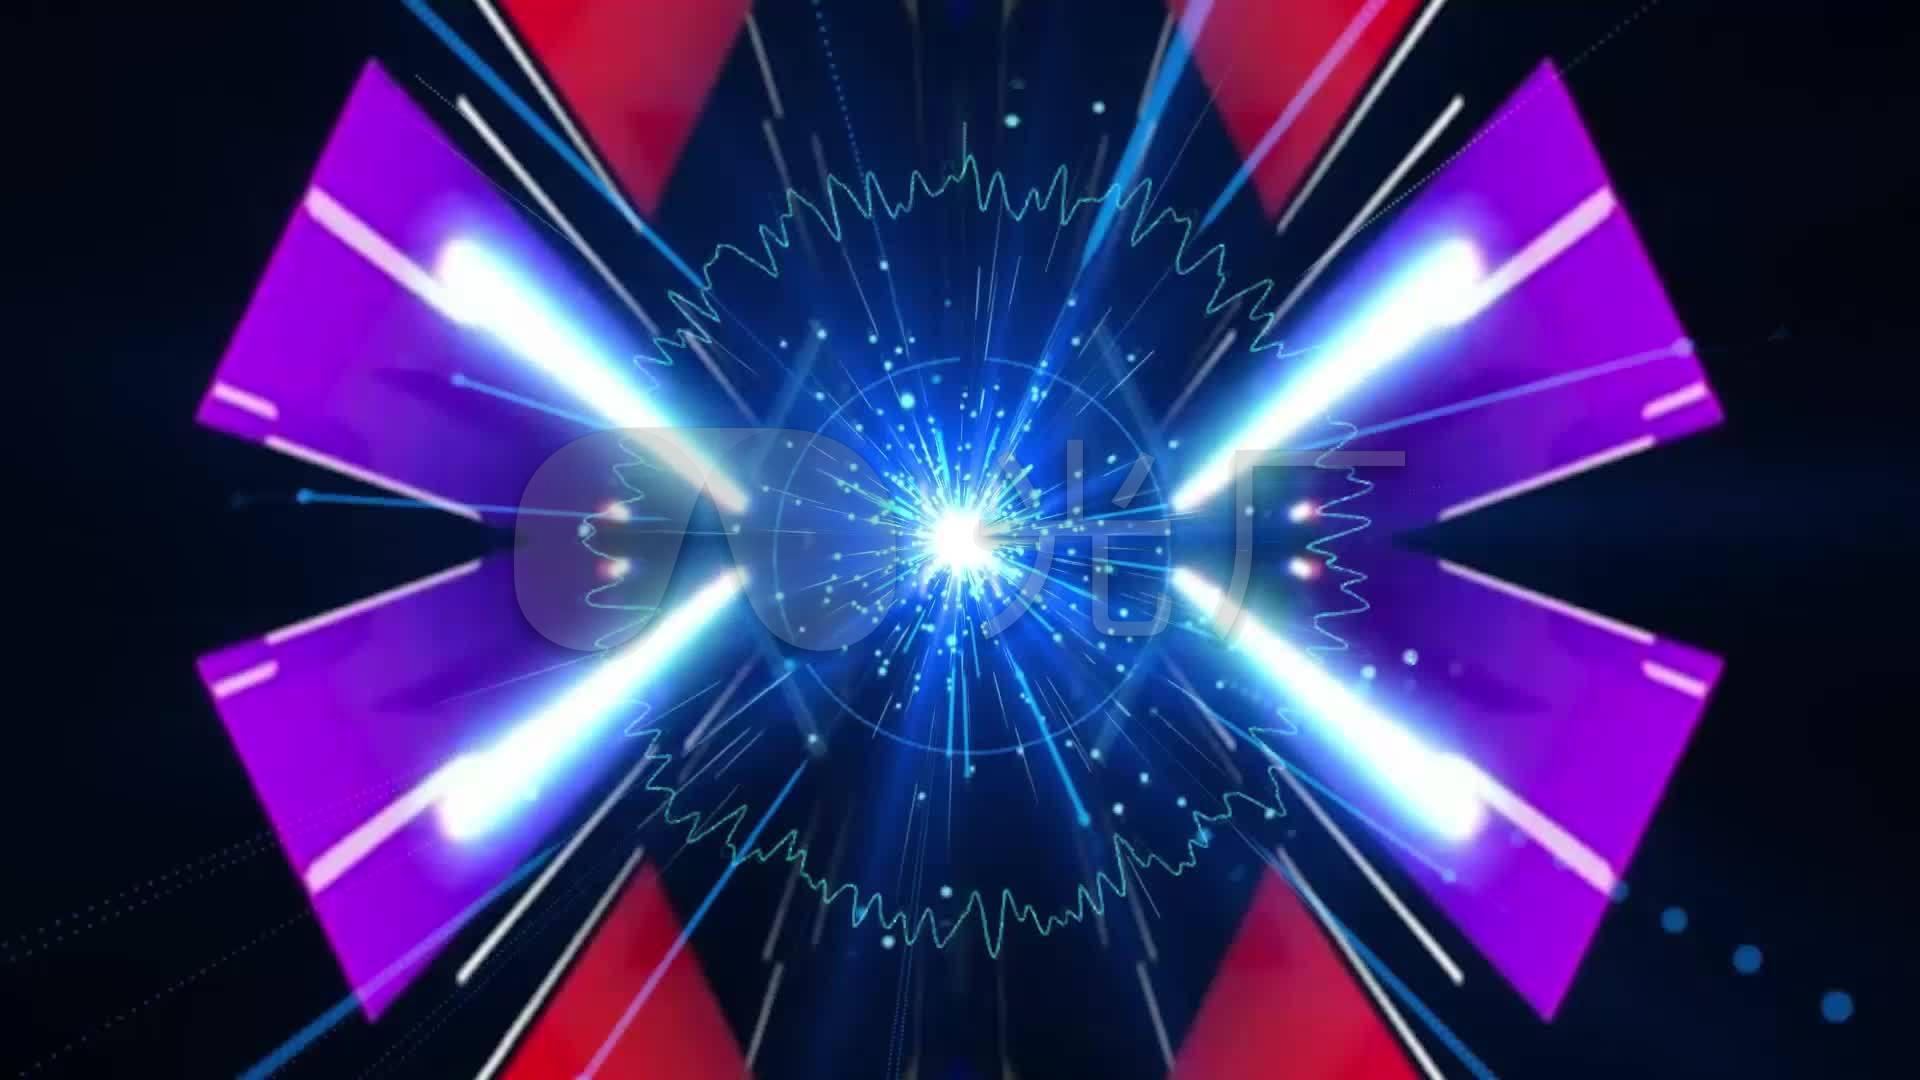 背景视频panama魔性舞台巴拿马嘎舞_1920Xdd锻炼神曲图片